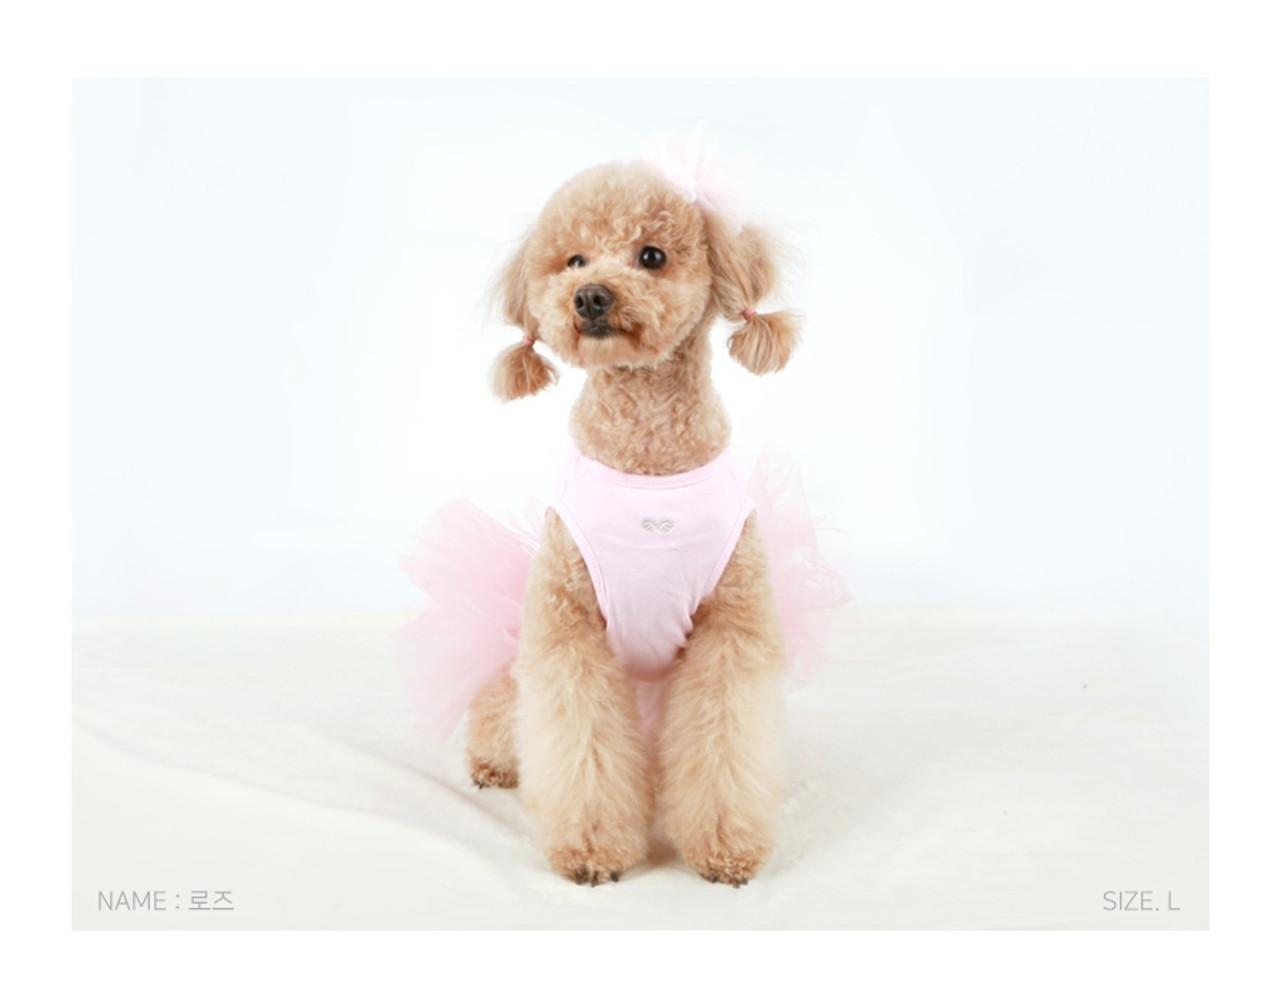 Easter Plain Black Cotton Top Camouflage Tutu Pet Dog Dress Puppy Clothes